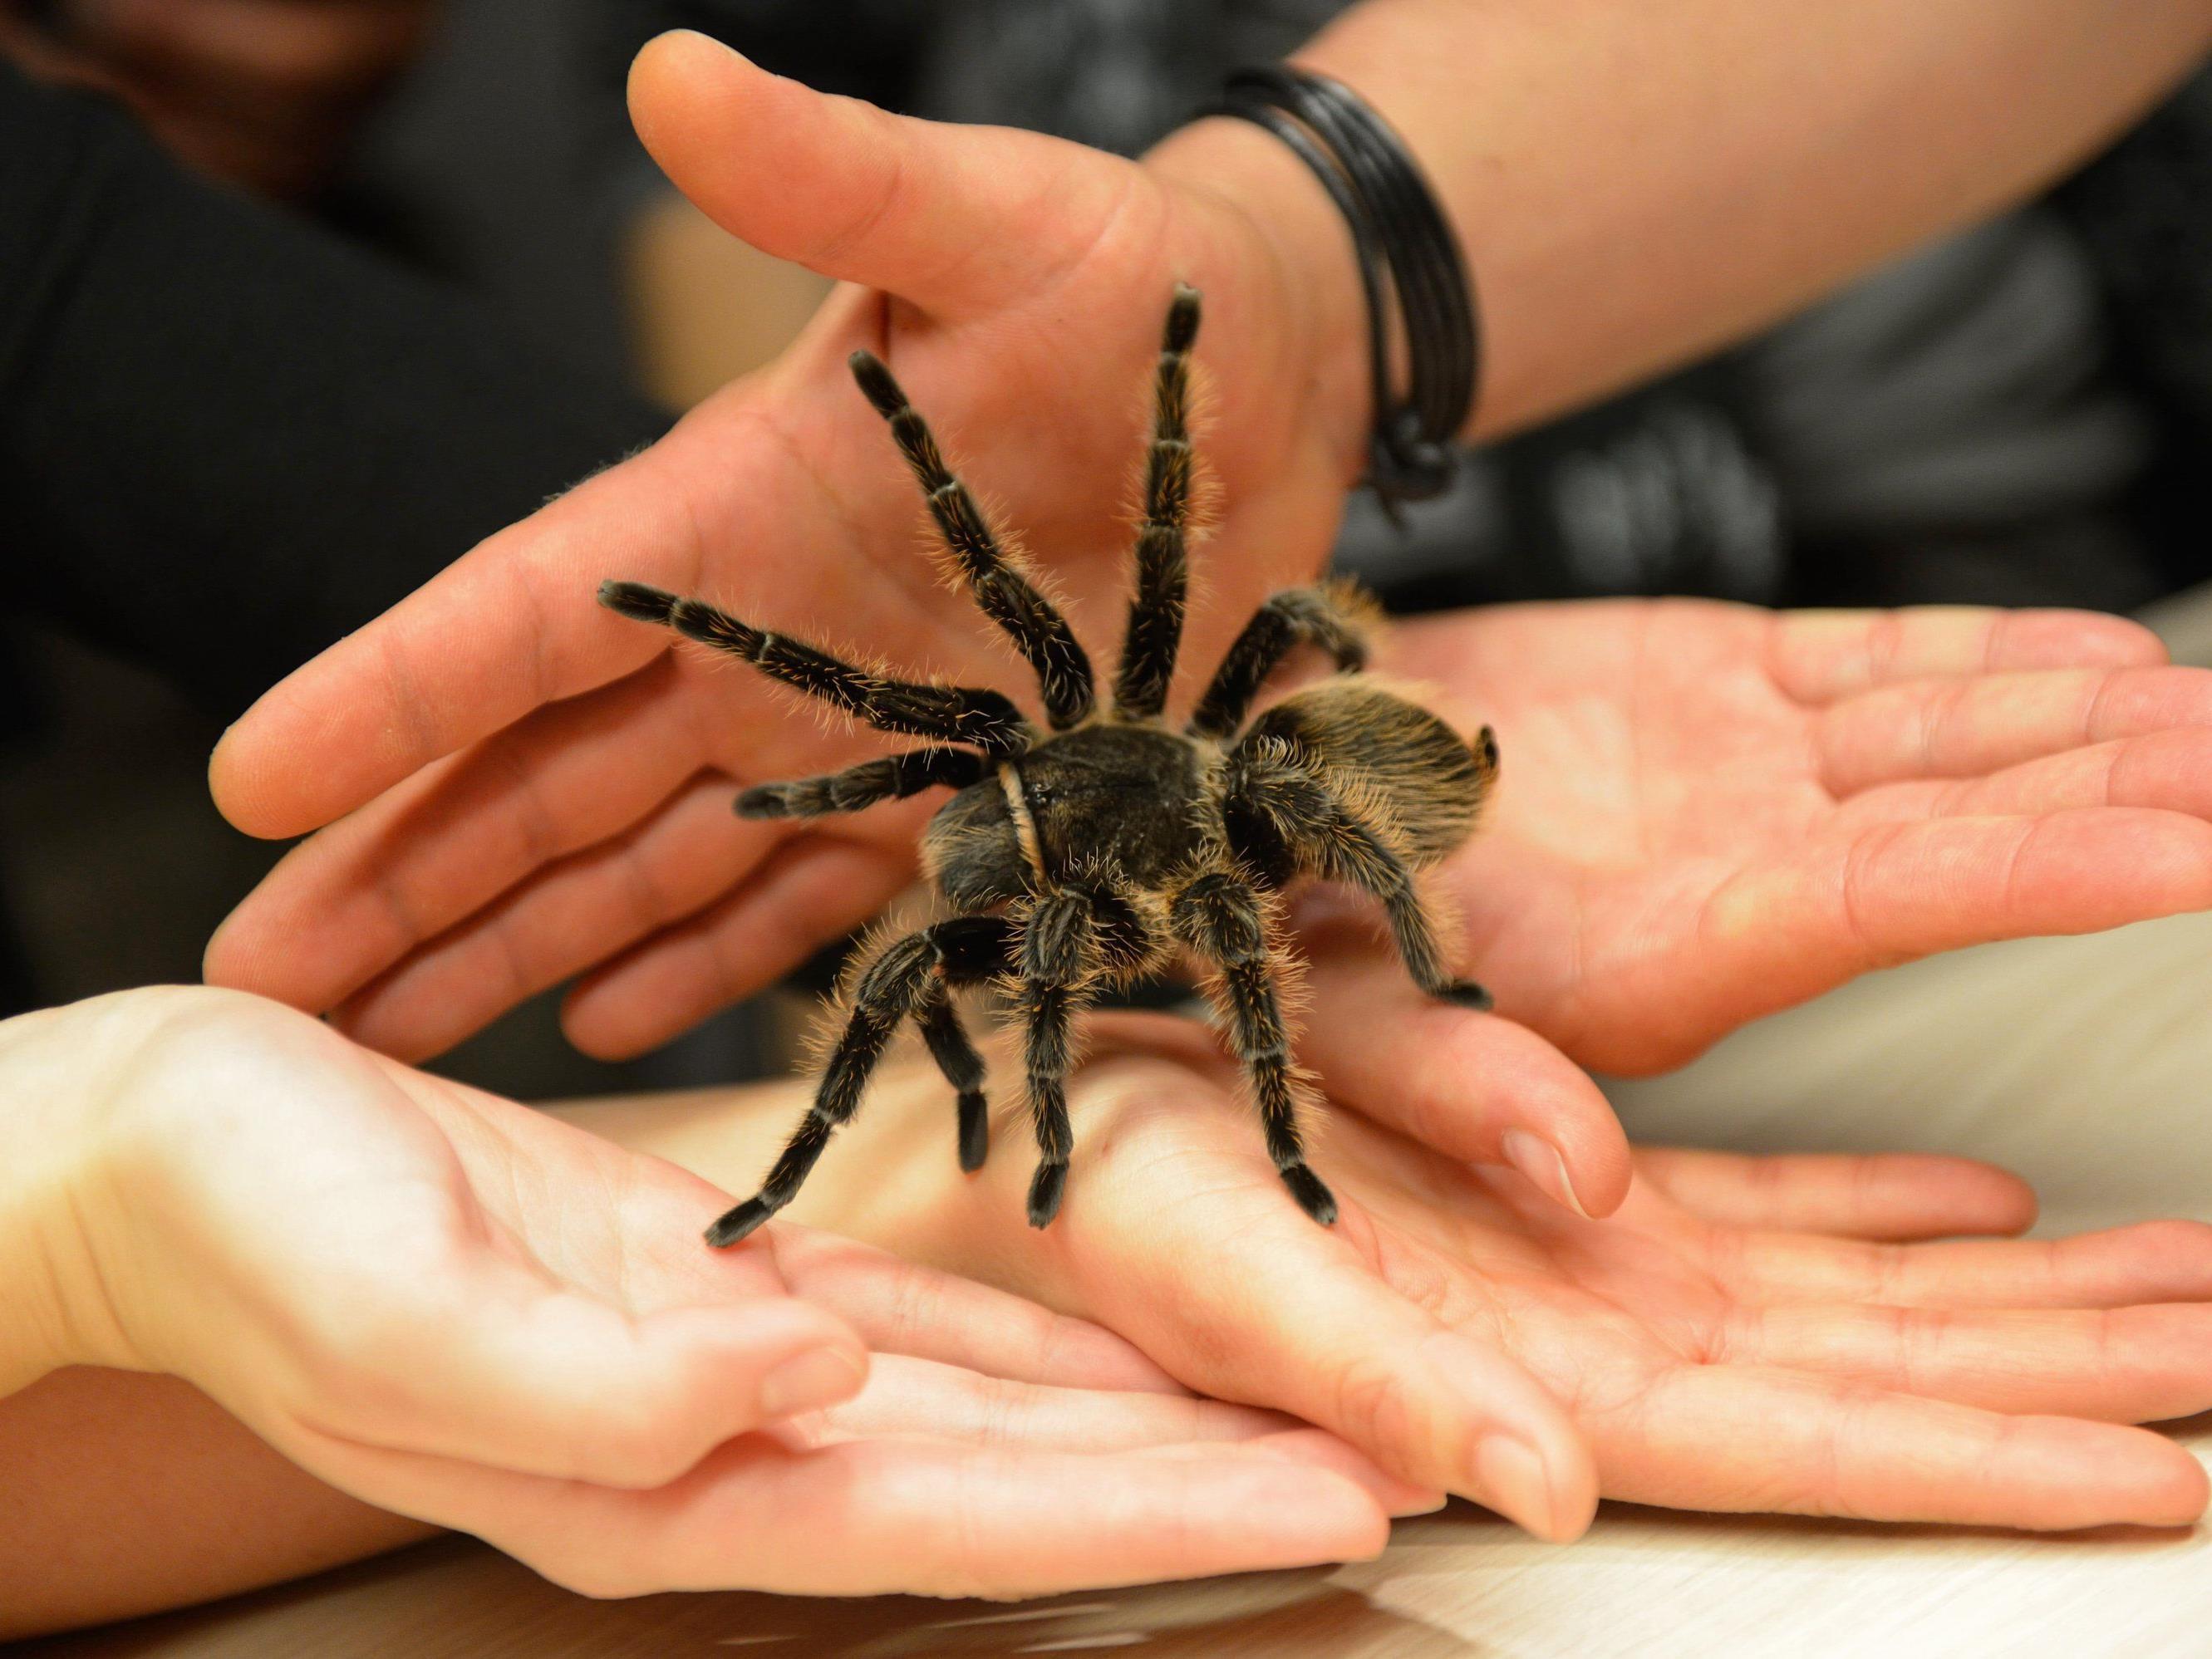 Nach der Therapie seien viele so weit gewesen, dass sie das Terrarium öffnen und die Spinne sogar auf die Hand nehmen konnten